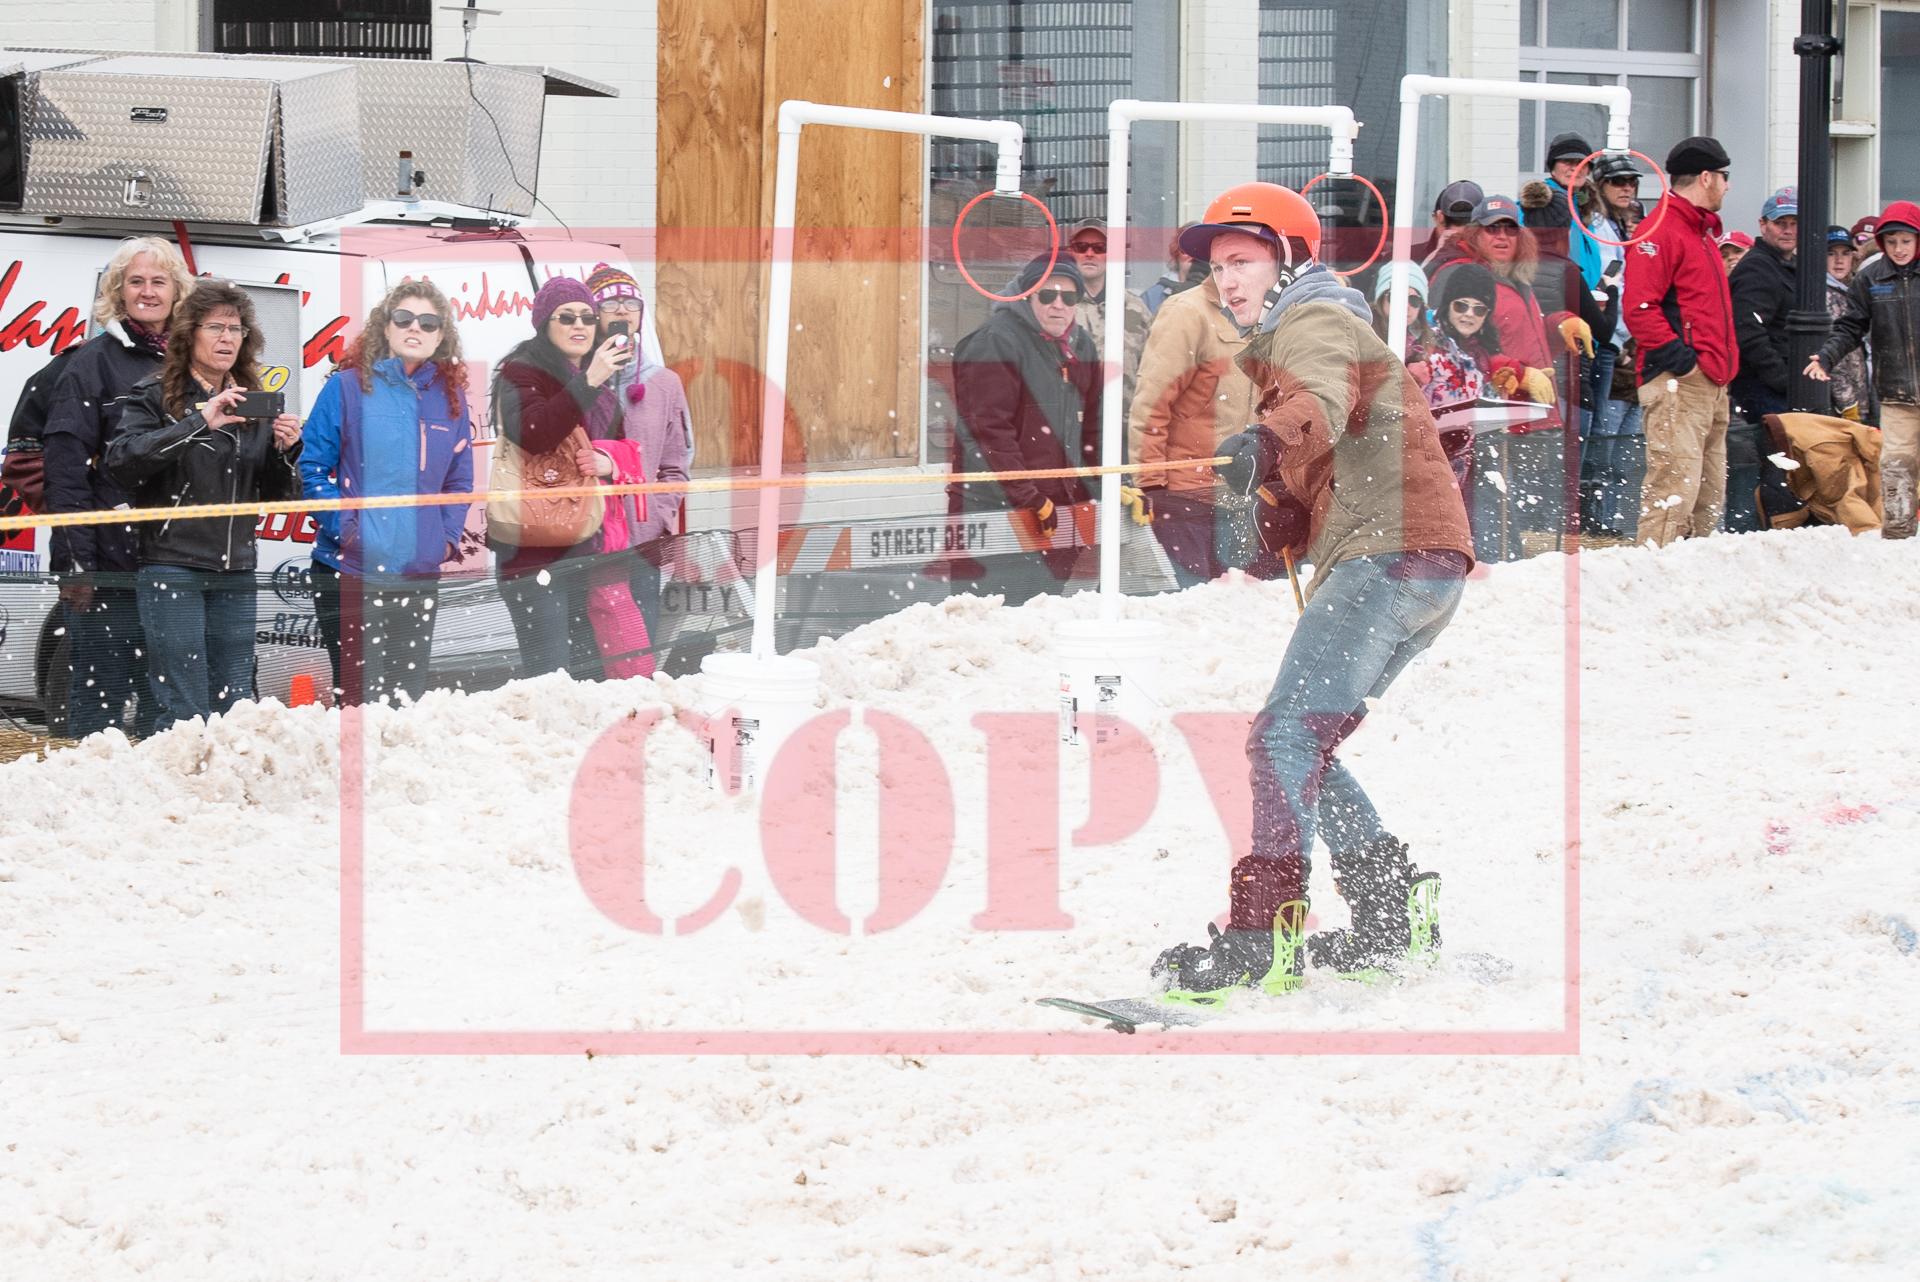 - Zane Huntley - Snowboard 2